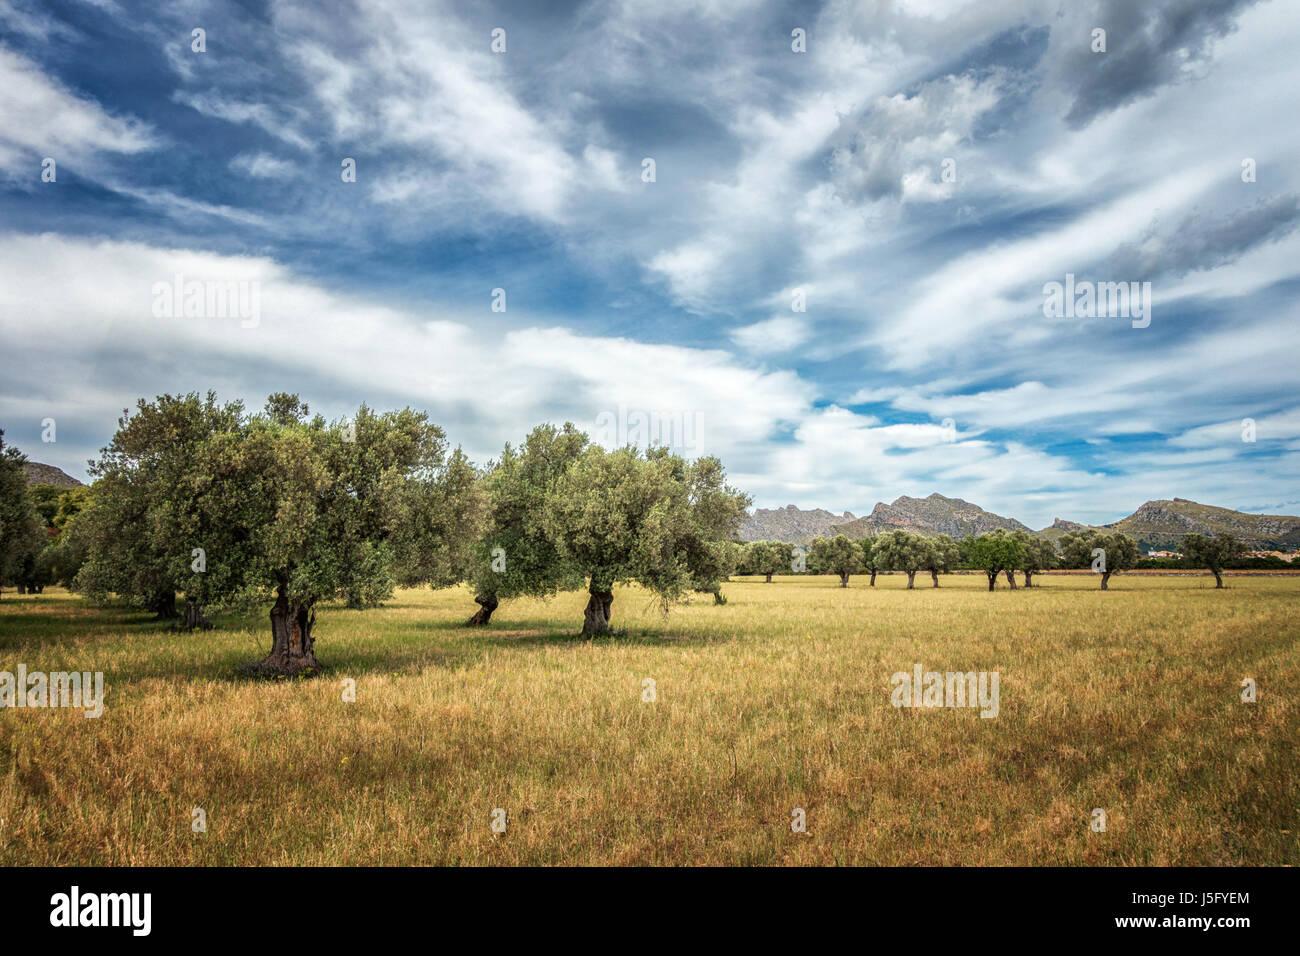 Viejos olivos en un campo en el norte de Mallorca, con un telón de fondo de montañas y cielo impresionante, Imagen De Stock